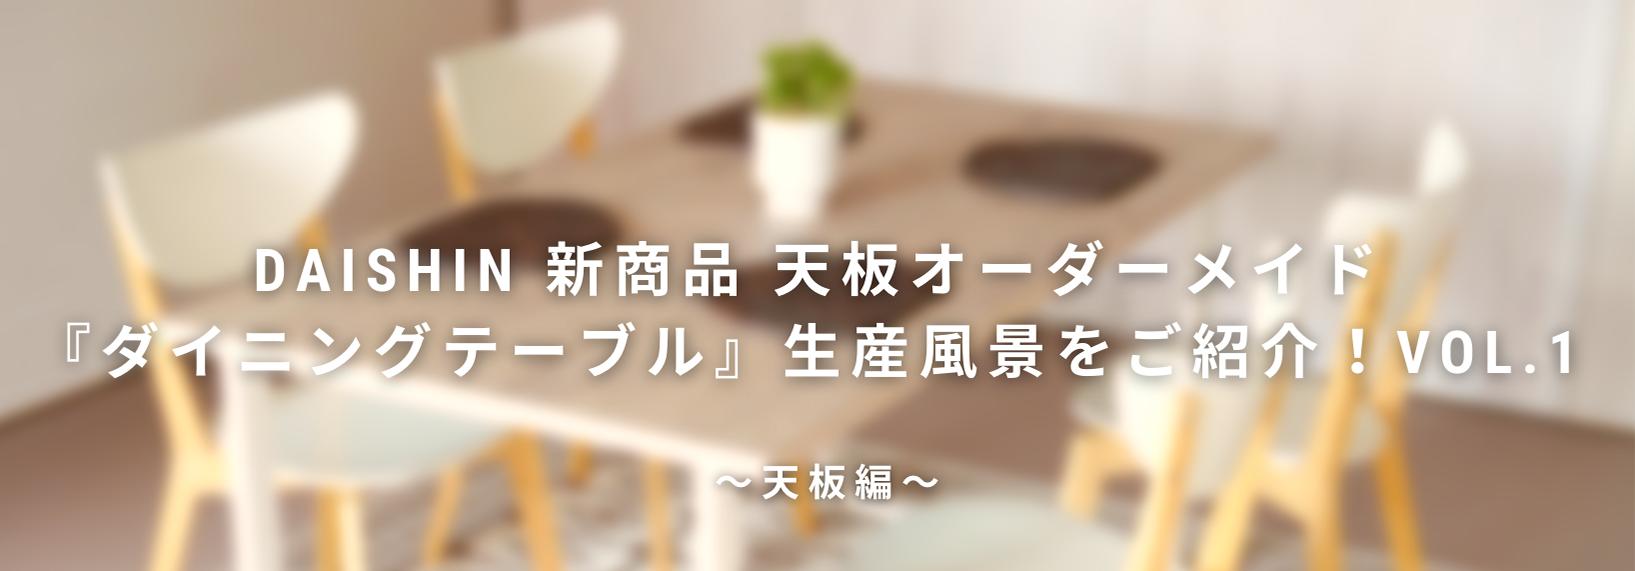 新商品 天板オーダーメイド『ダイニングテーブル』の生産風景をご紹介!vol.1 ~天板編~